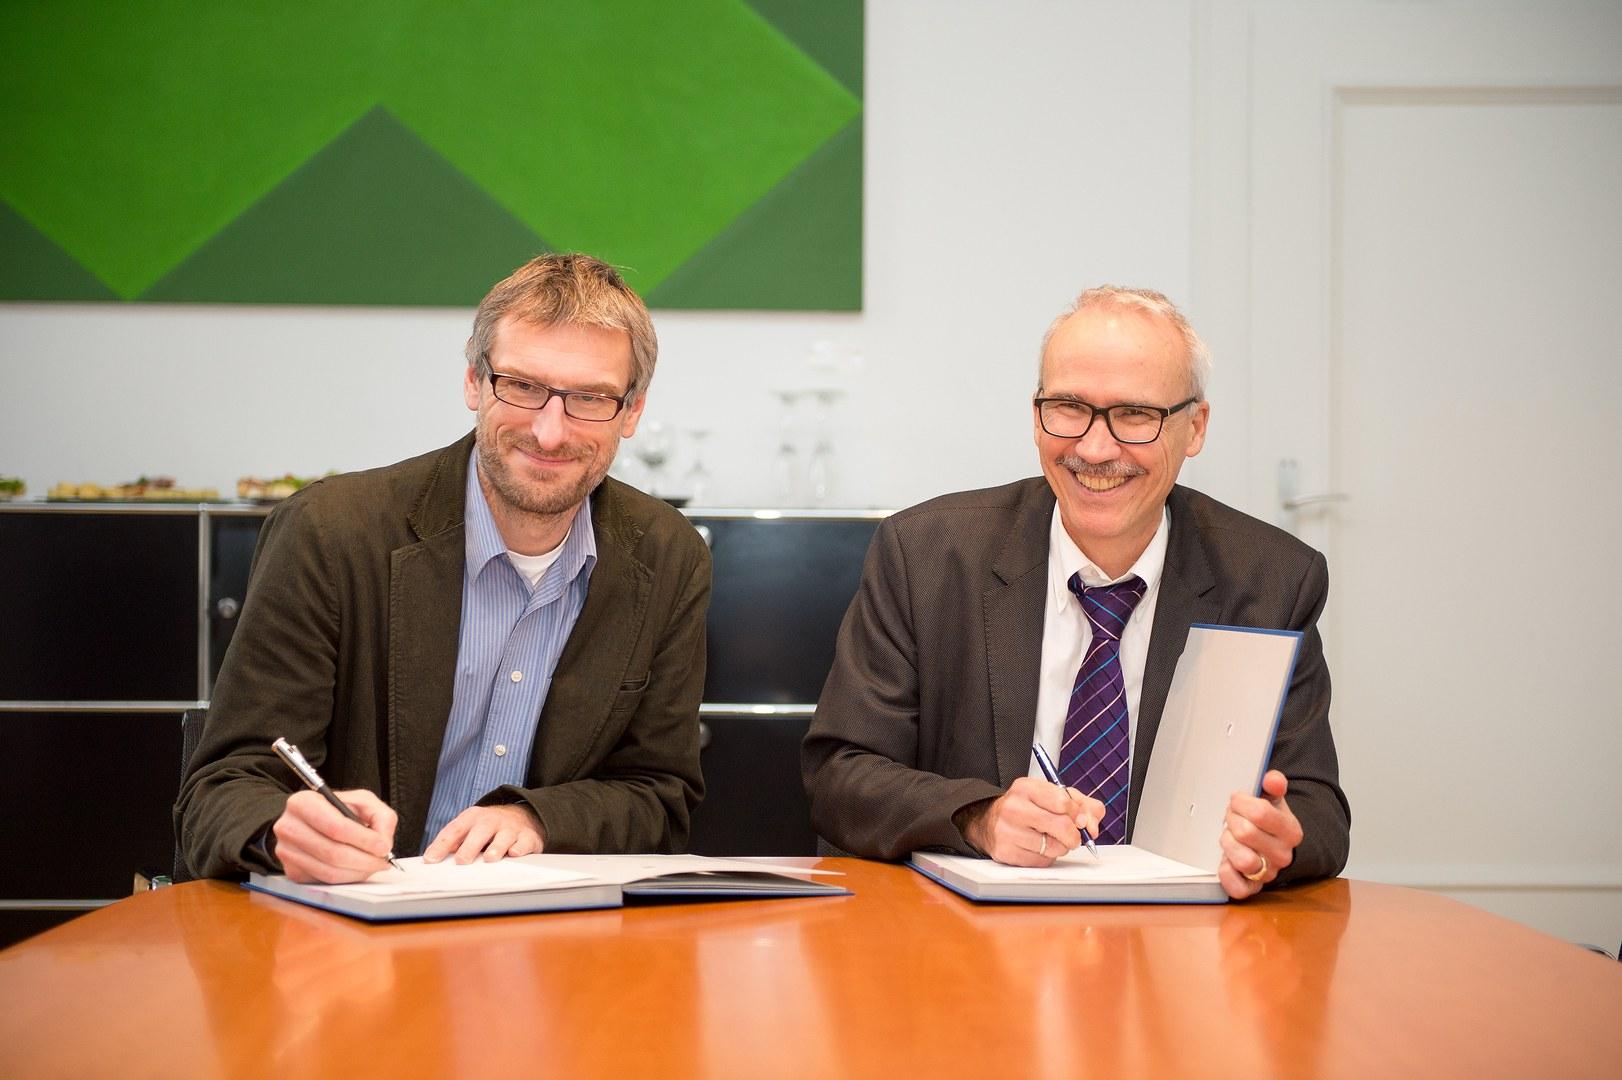 Unterzeichnung des Kooperationsvertrages: